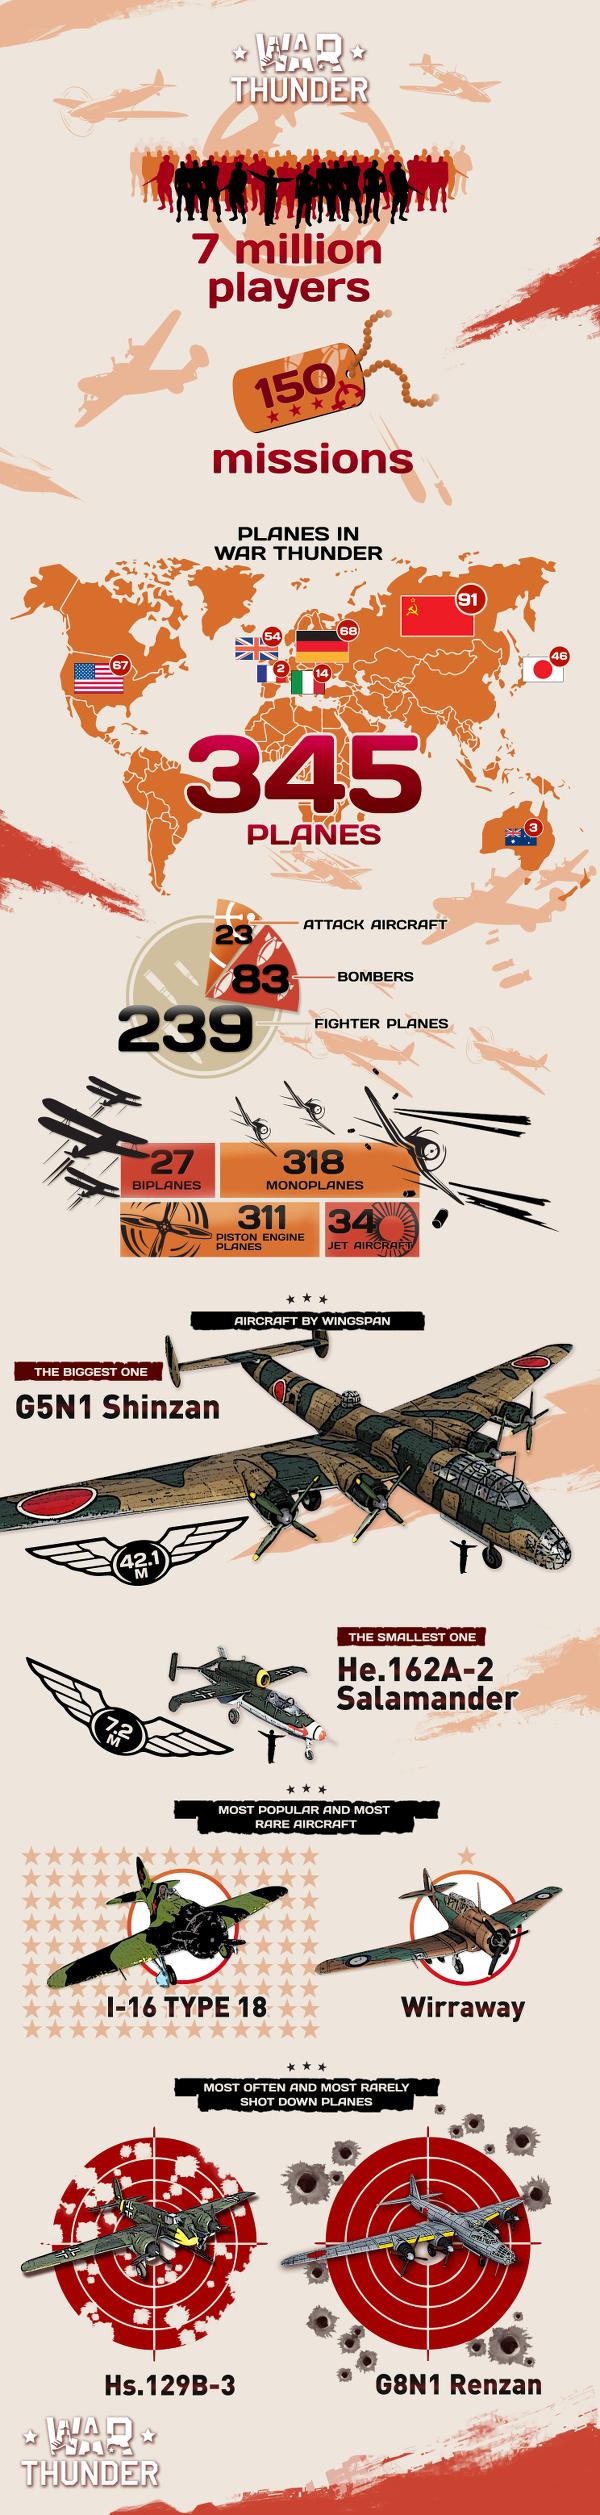 WarThunder_planes-1